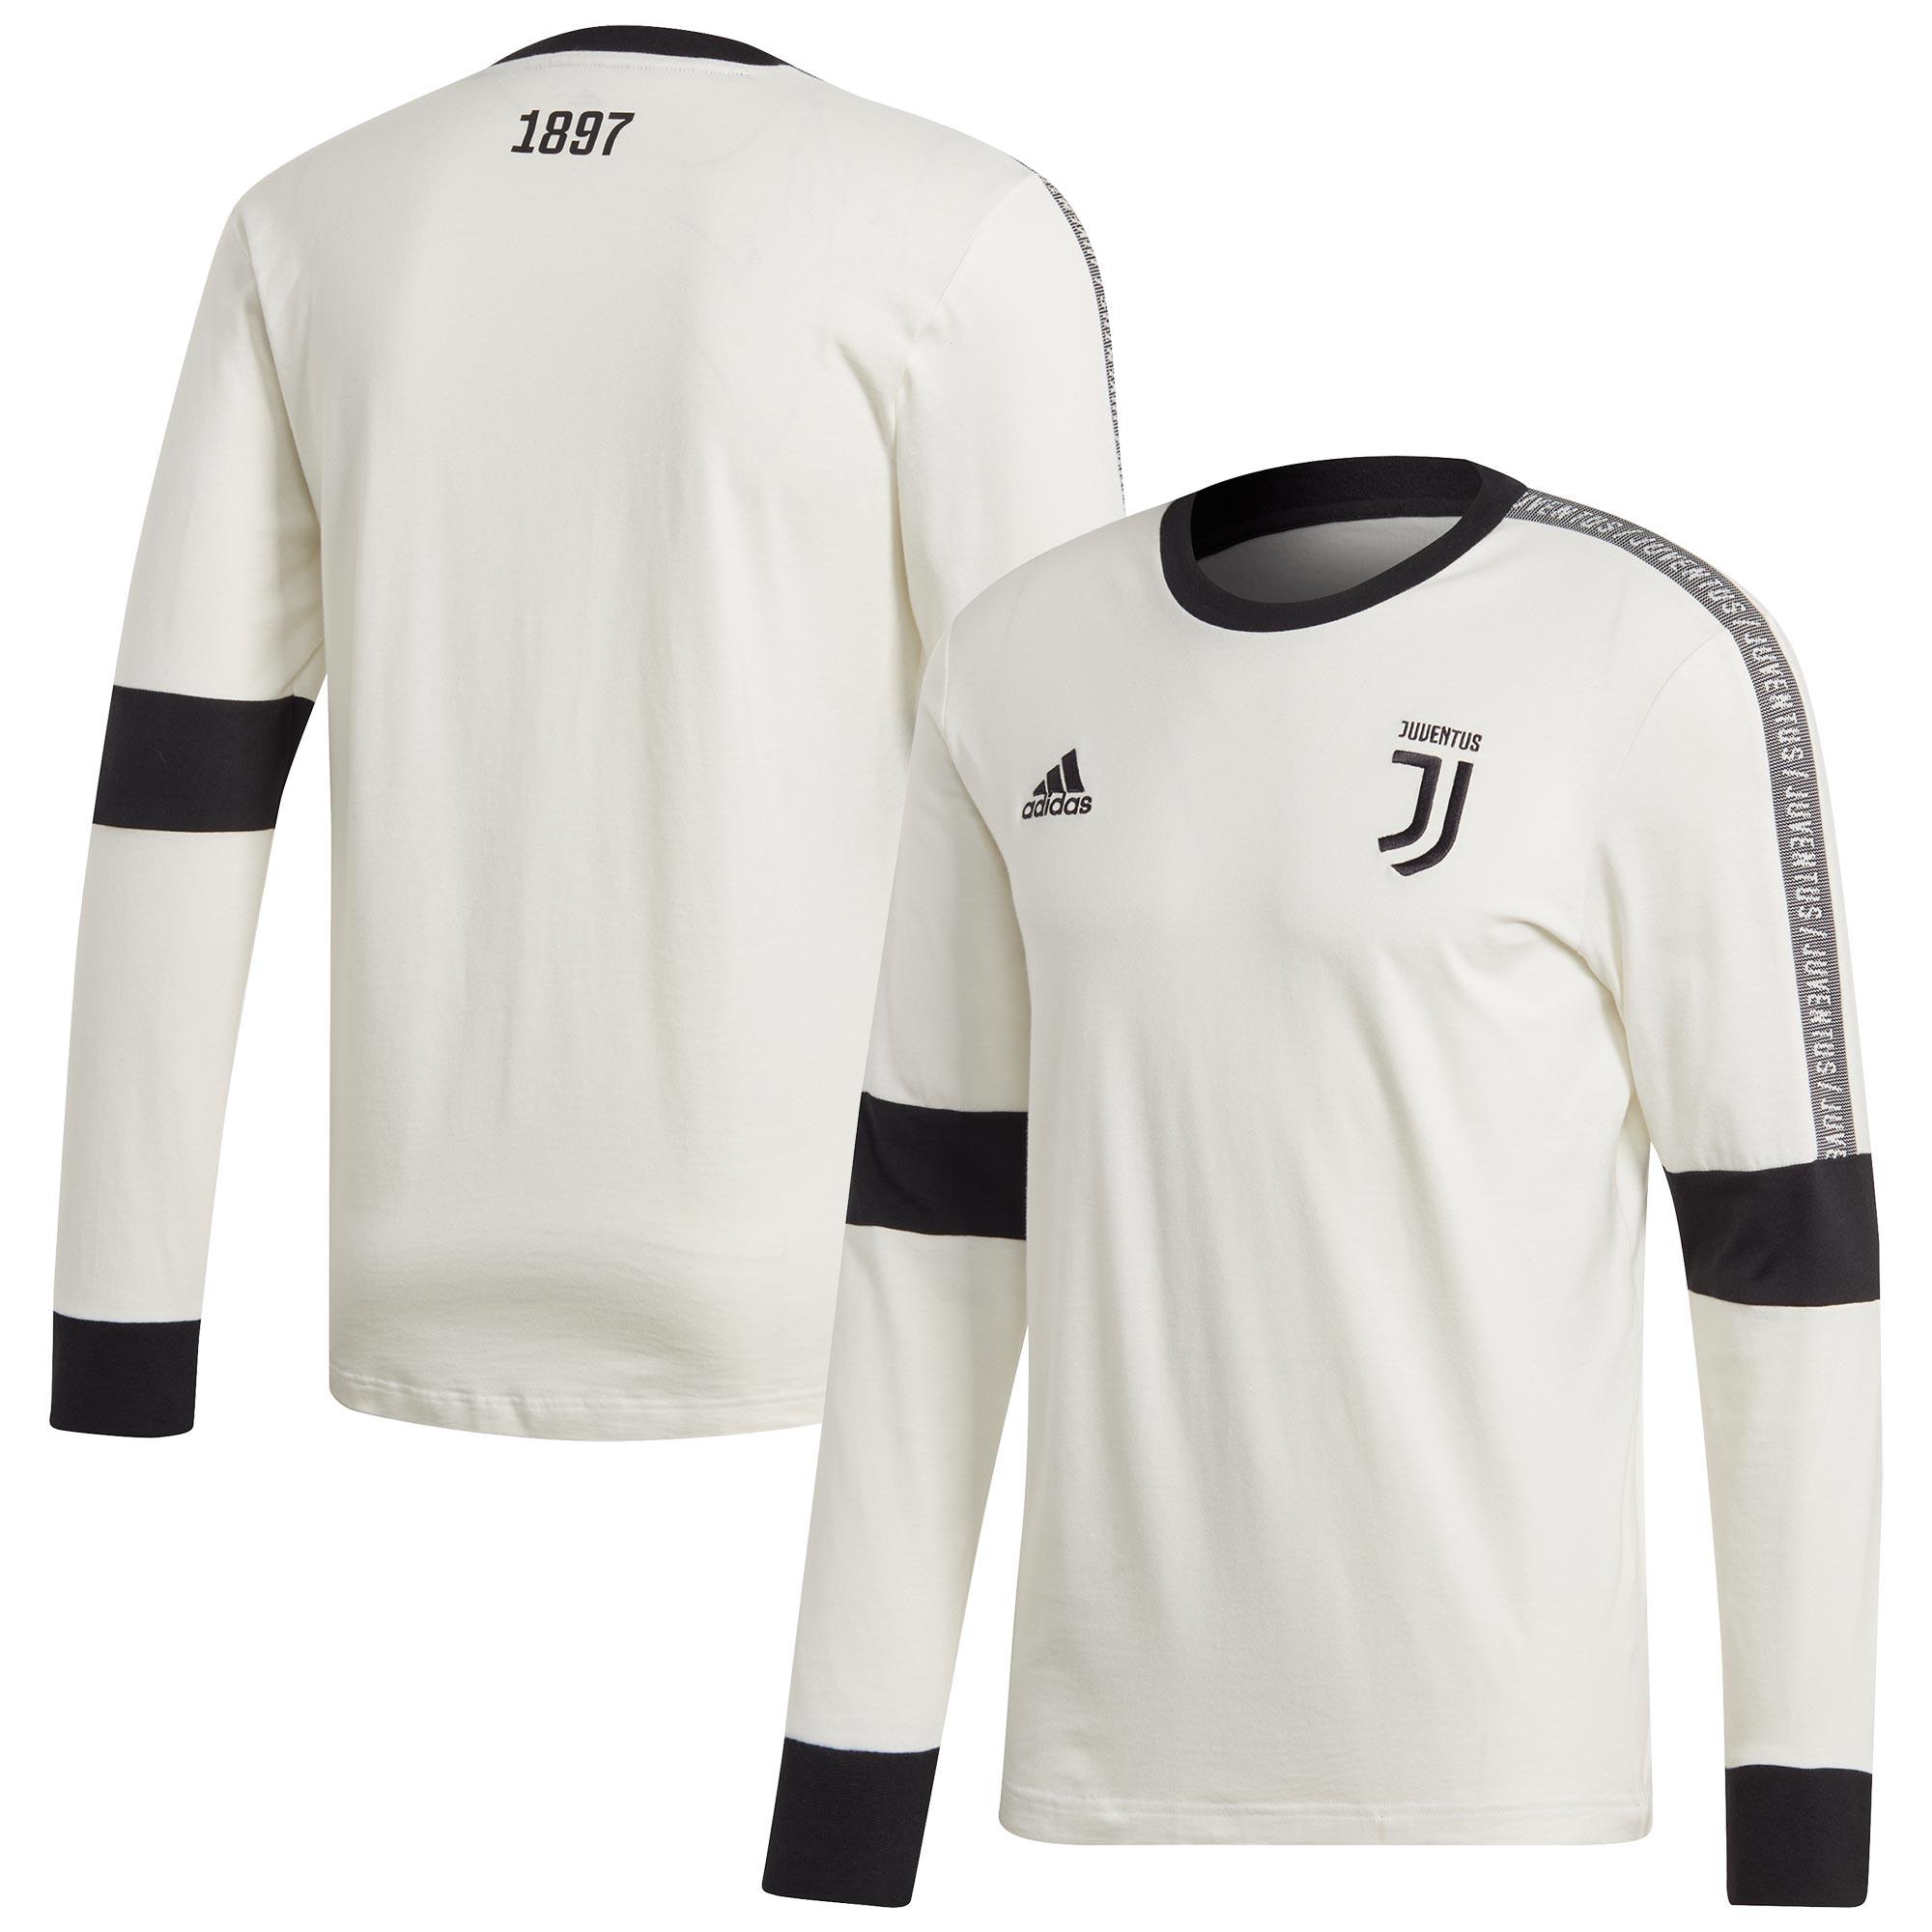 Adidas / Camiseta de manga larga de temporada de la Juventus - blanco